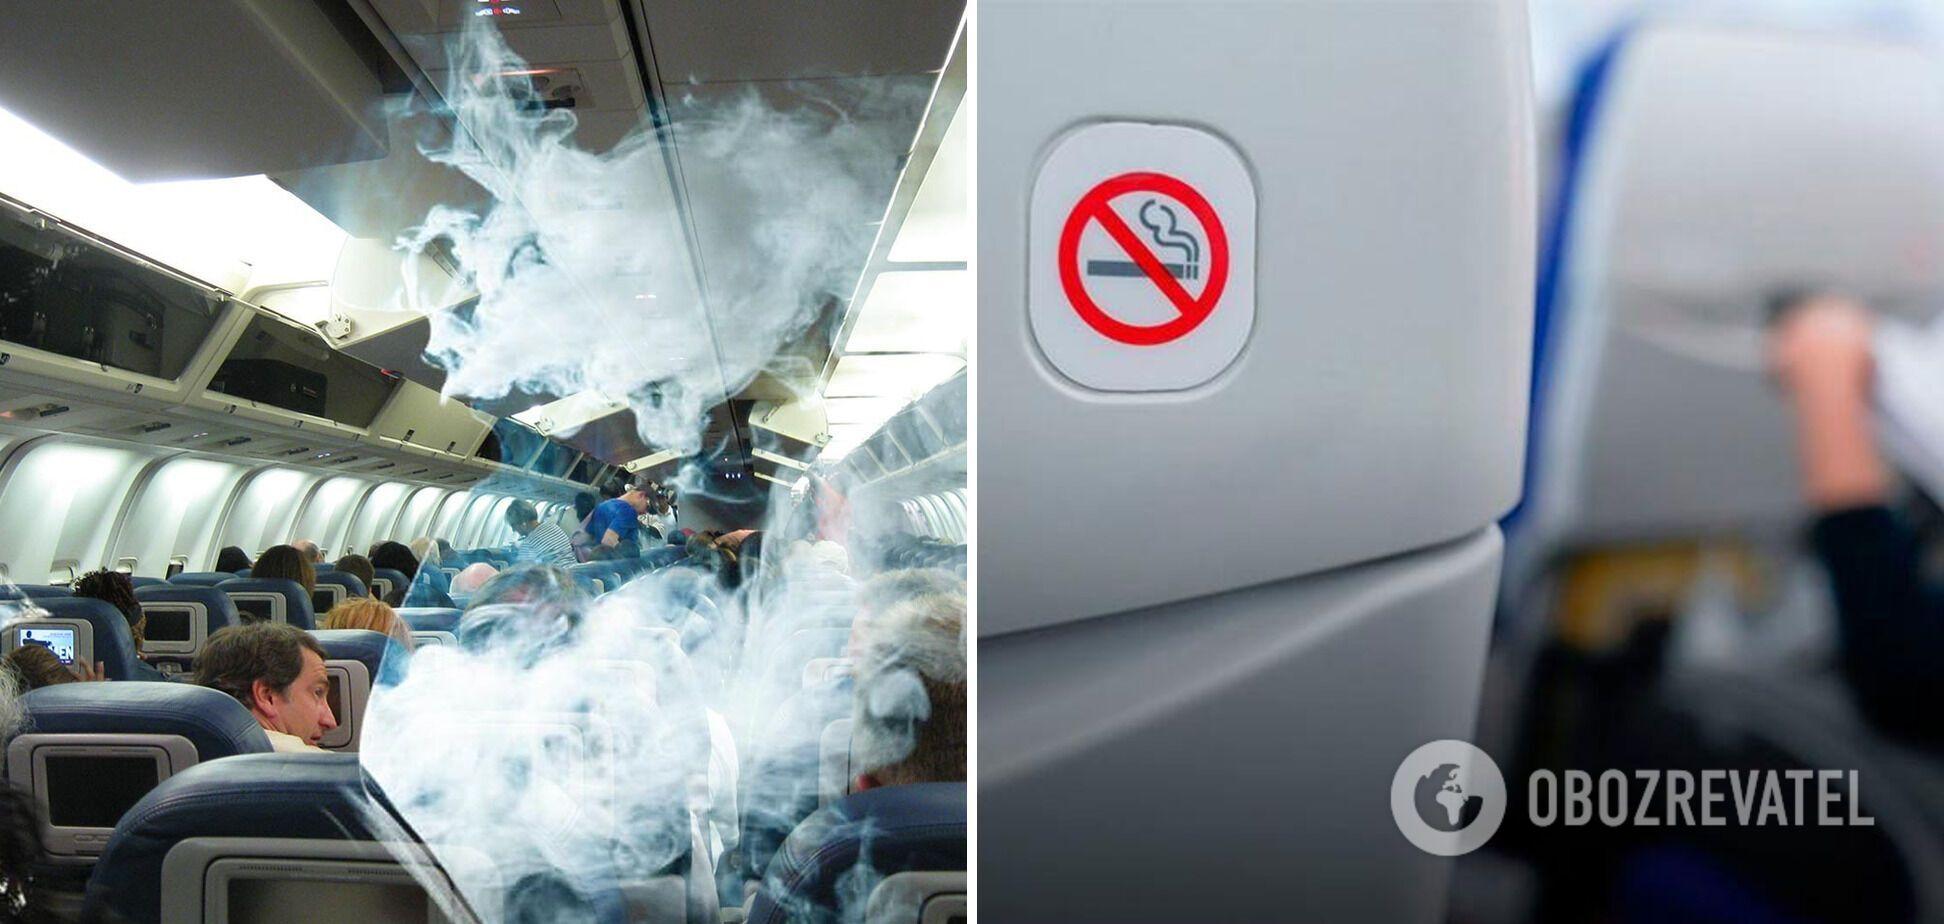 Курение в самолете запрещено.